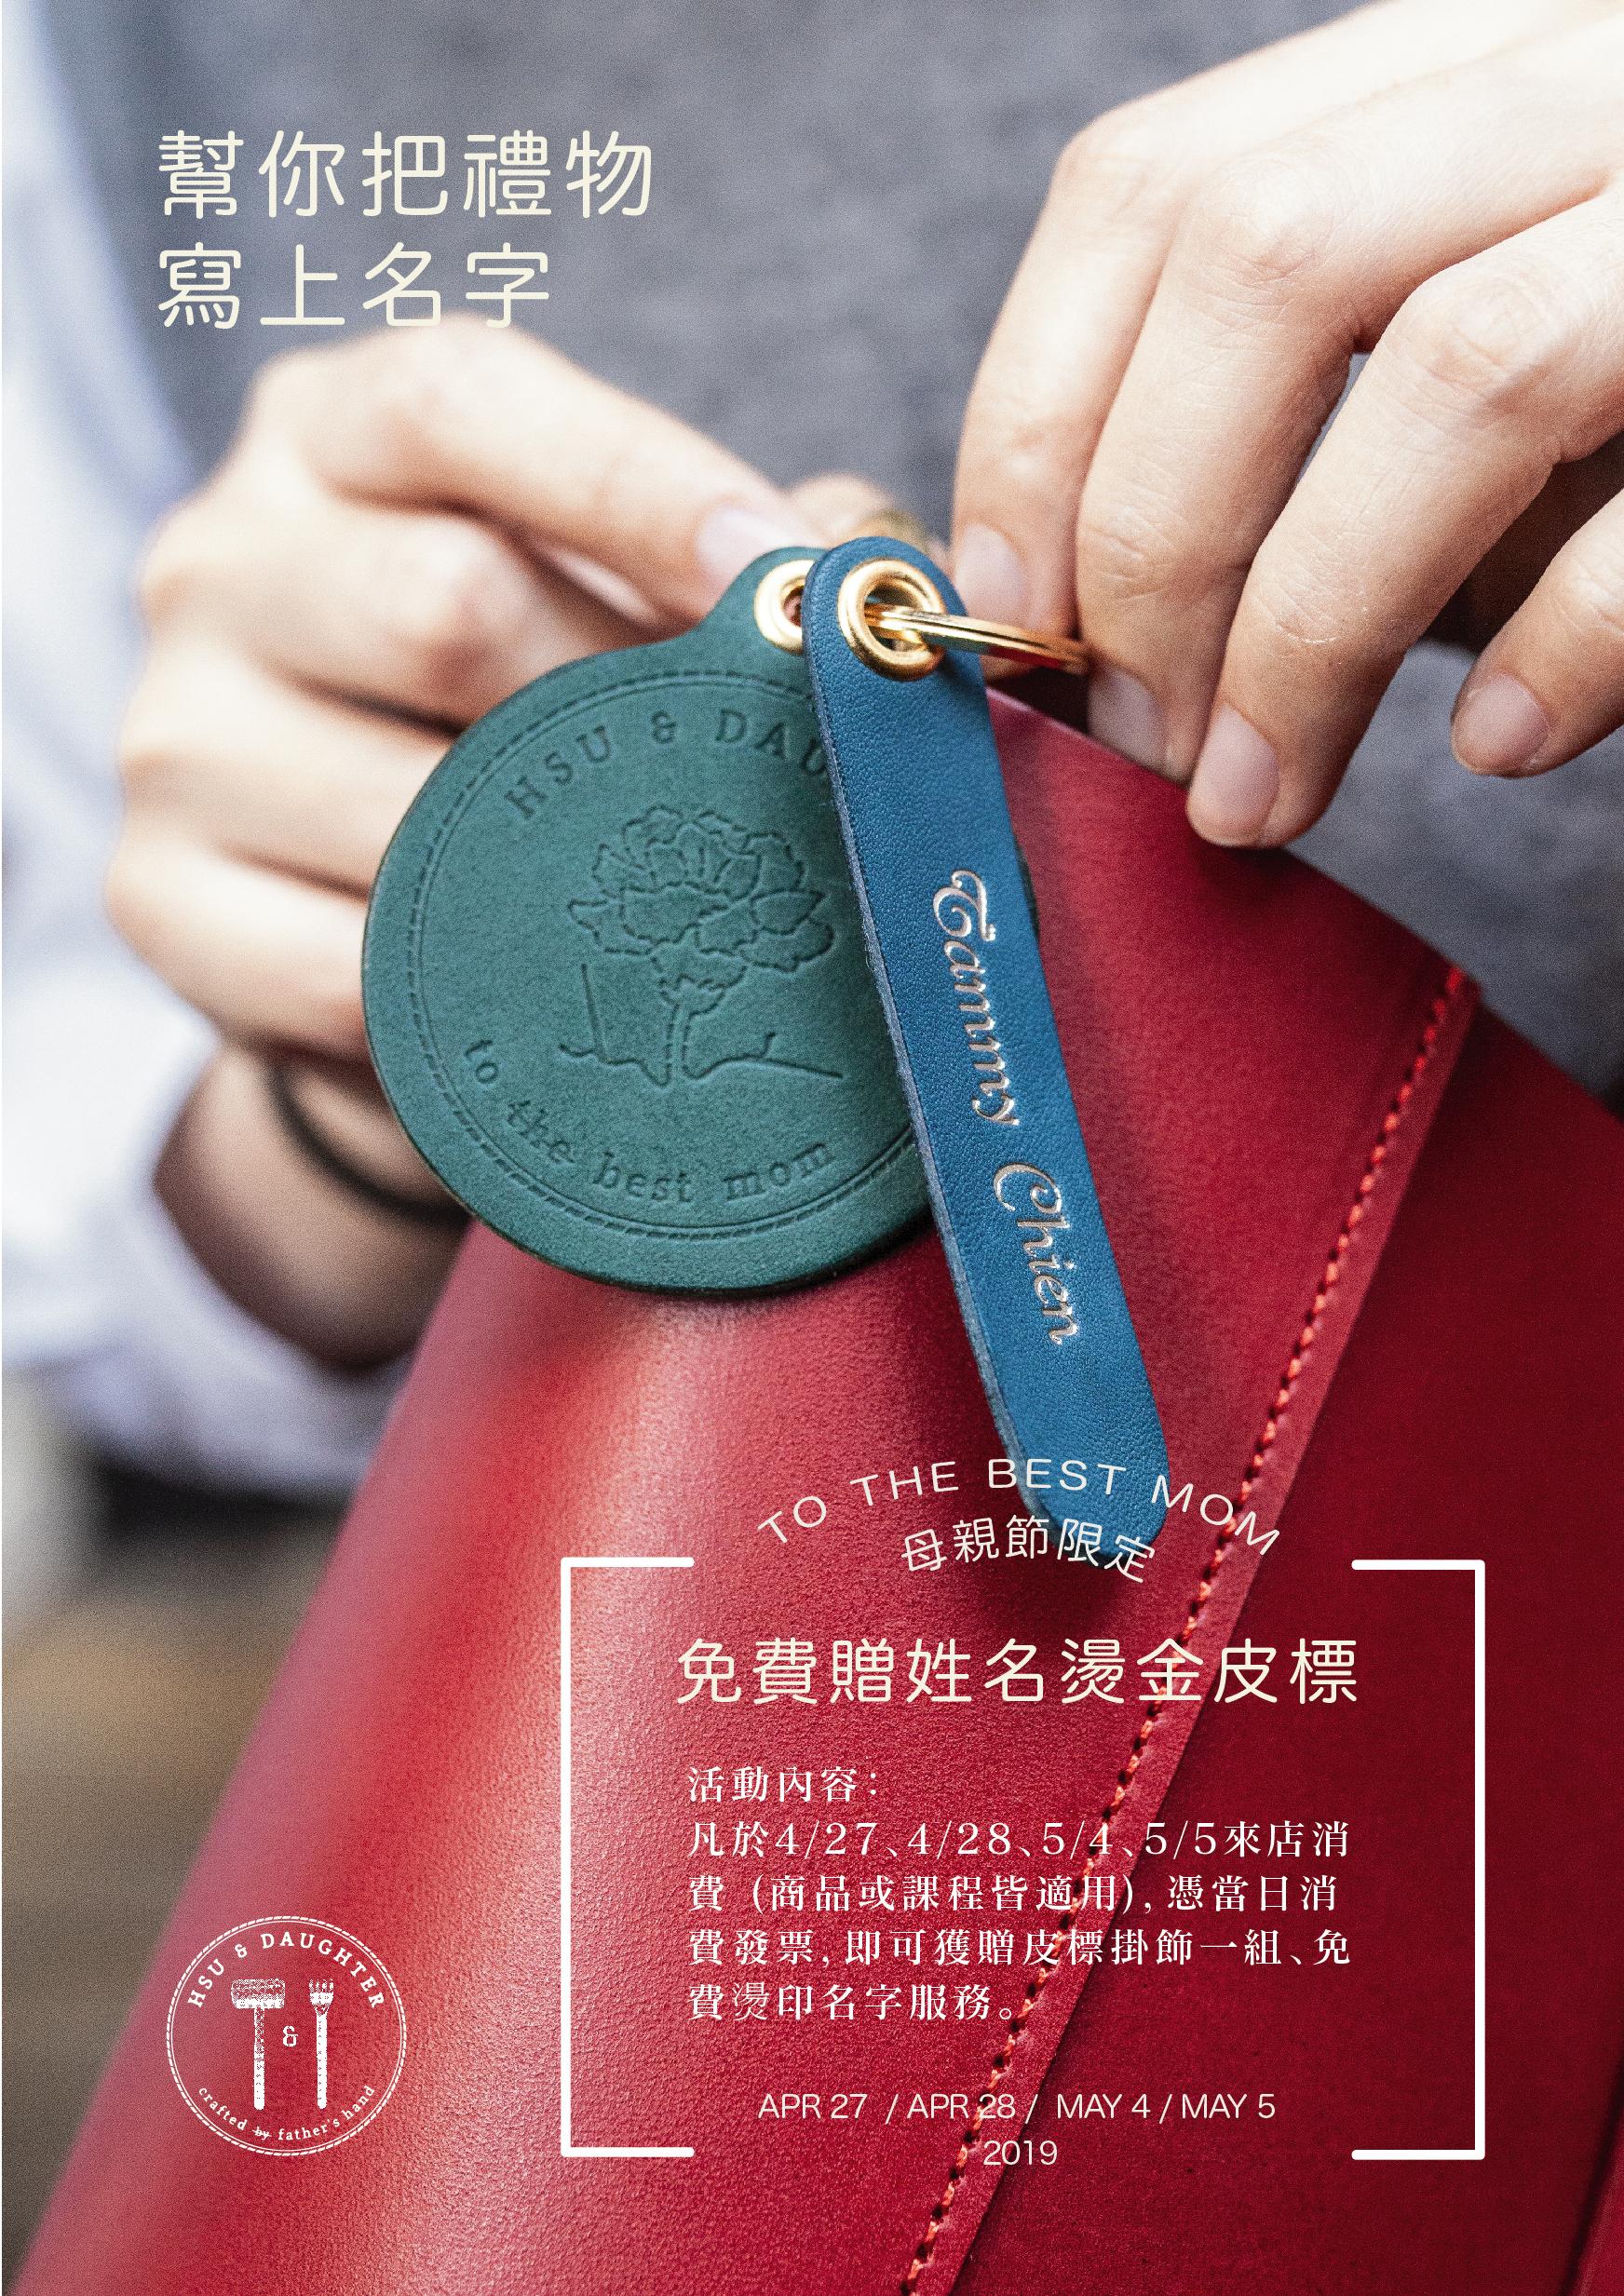 《Hsu & Daughter工作室限定燙印活動》  凡於4/27(六)、4/28(日)、5/4(六)、5/5(日) 來店消費(不限商品/課程),  即可獲贈皮標掛飾一組、免費燙印服務體驗。